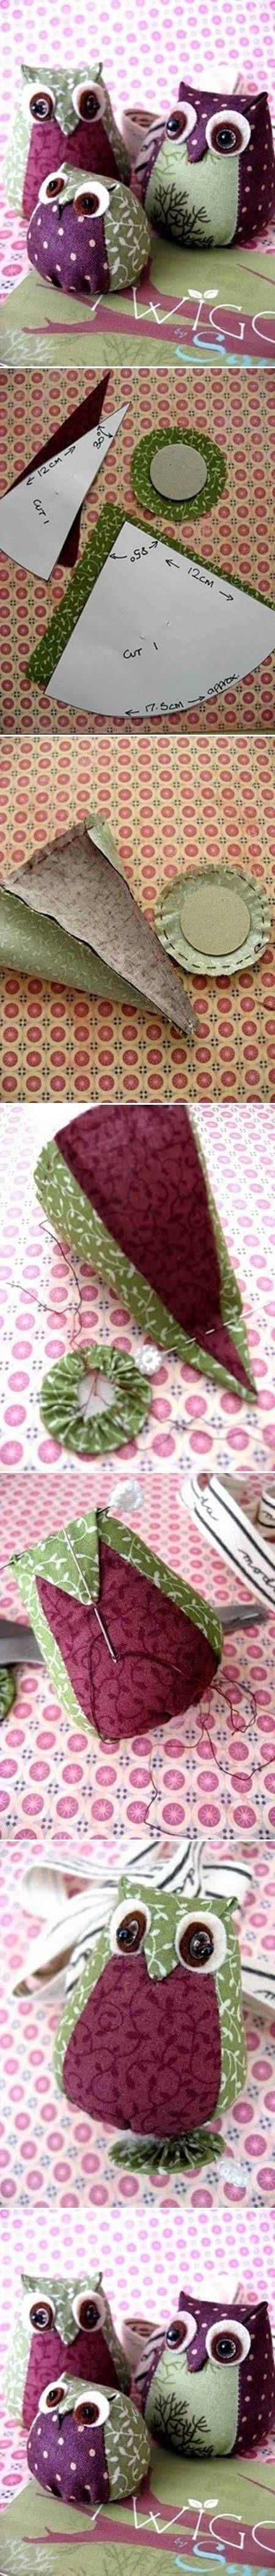 DIY Easy Fabric Owl